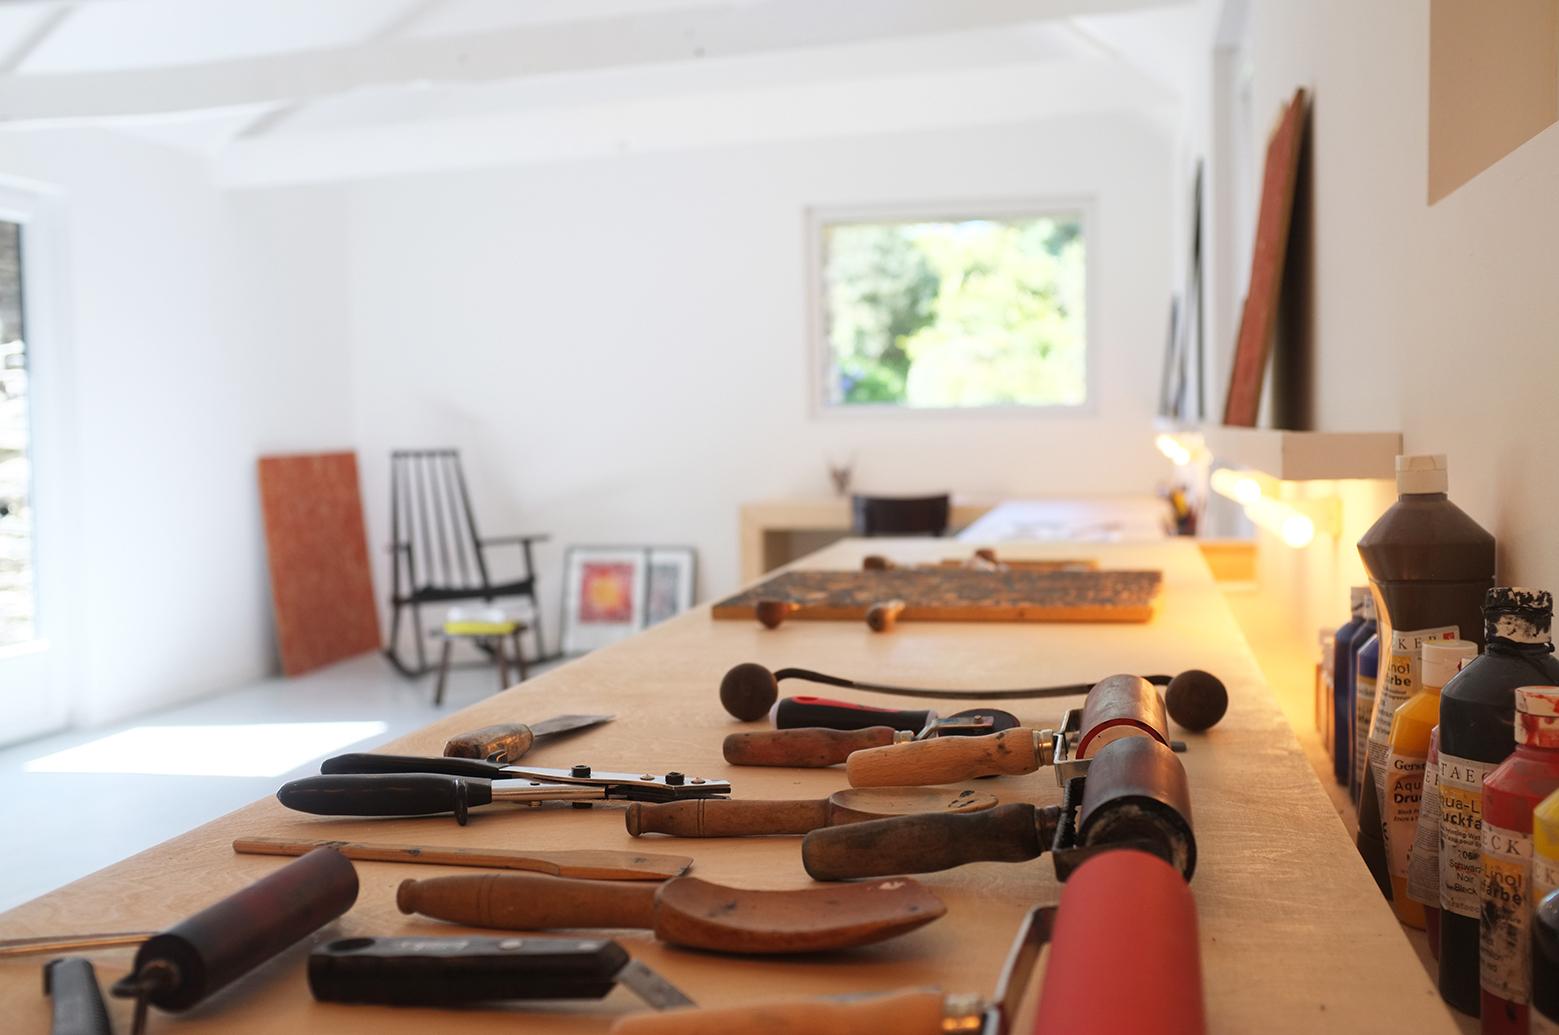 Atelier d'Artiste / Modal Architecture (13)